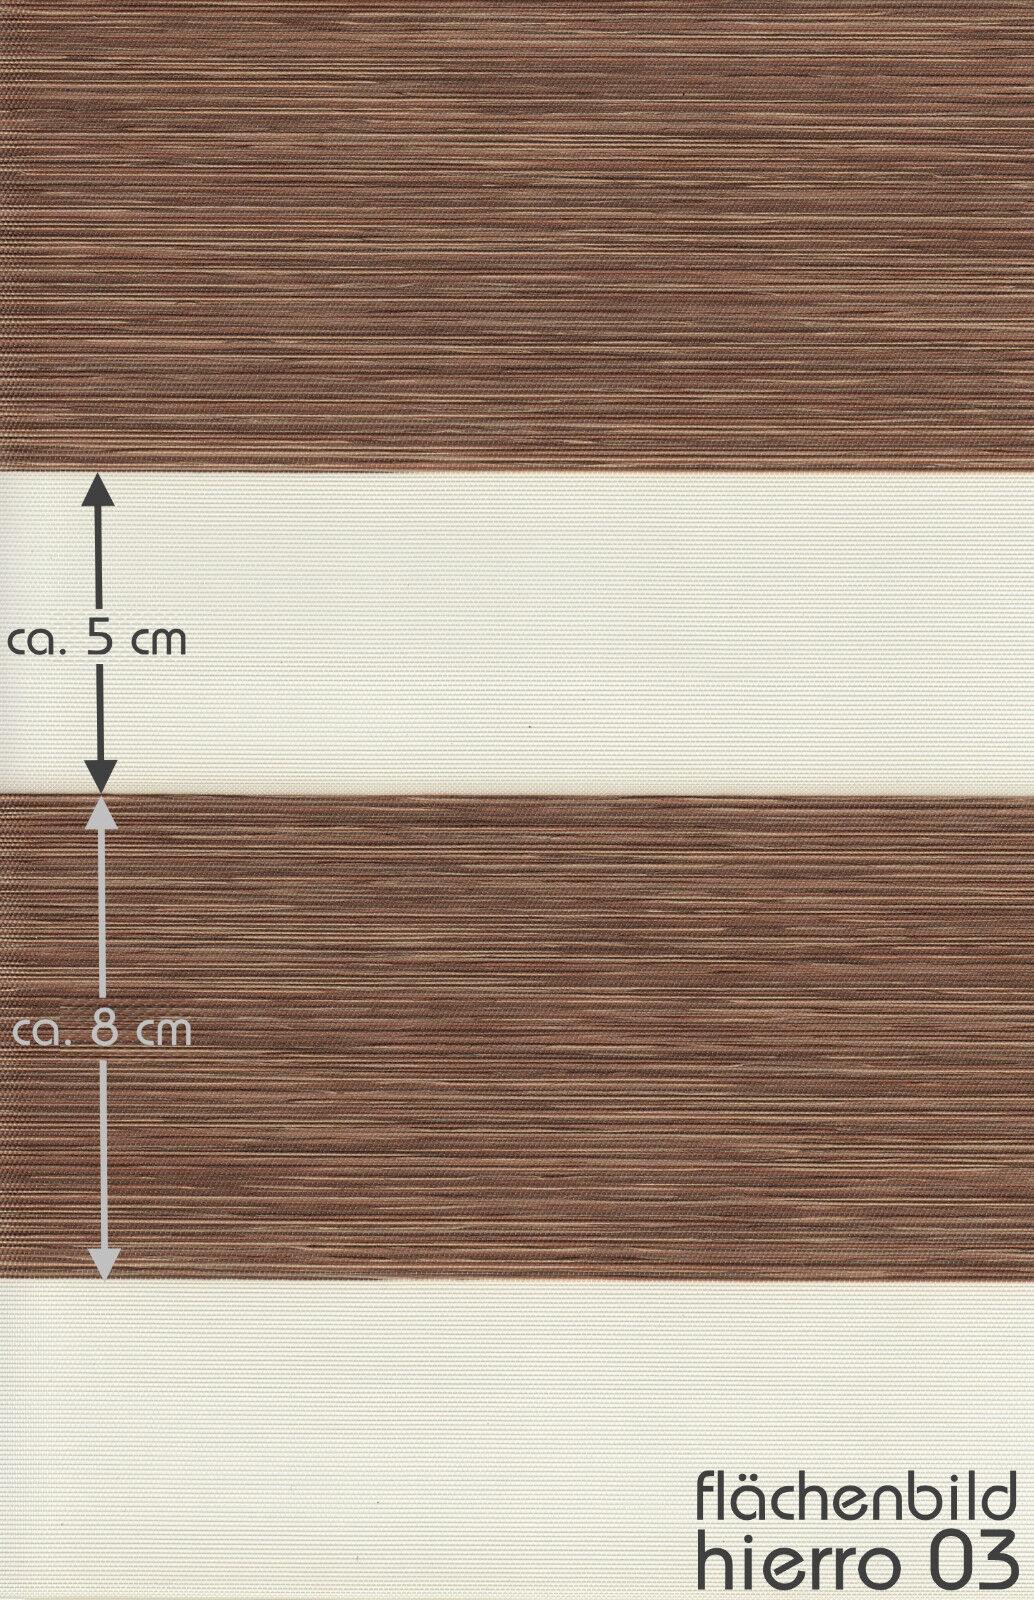 ROLLO ORD Doppelrollo VariGoldllo DuGoldllo Kettenzugrollo Komfortrollo auf auf auf Maß   Leicht zu reinigende Oberfläche  1b2552